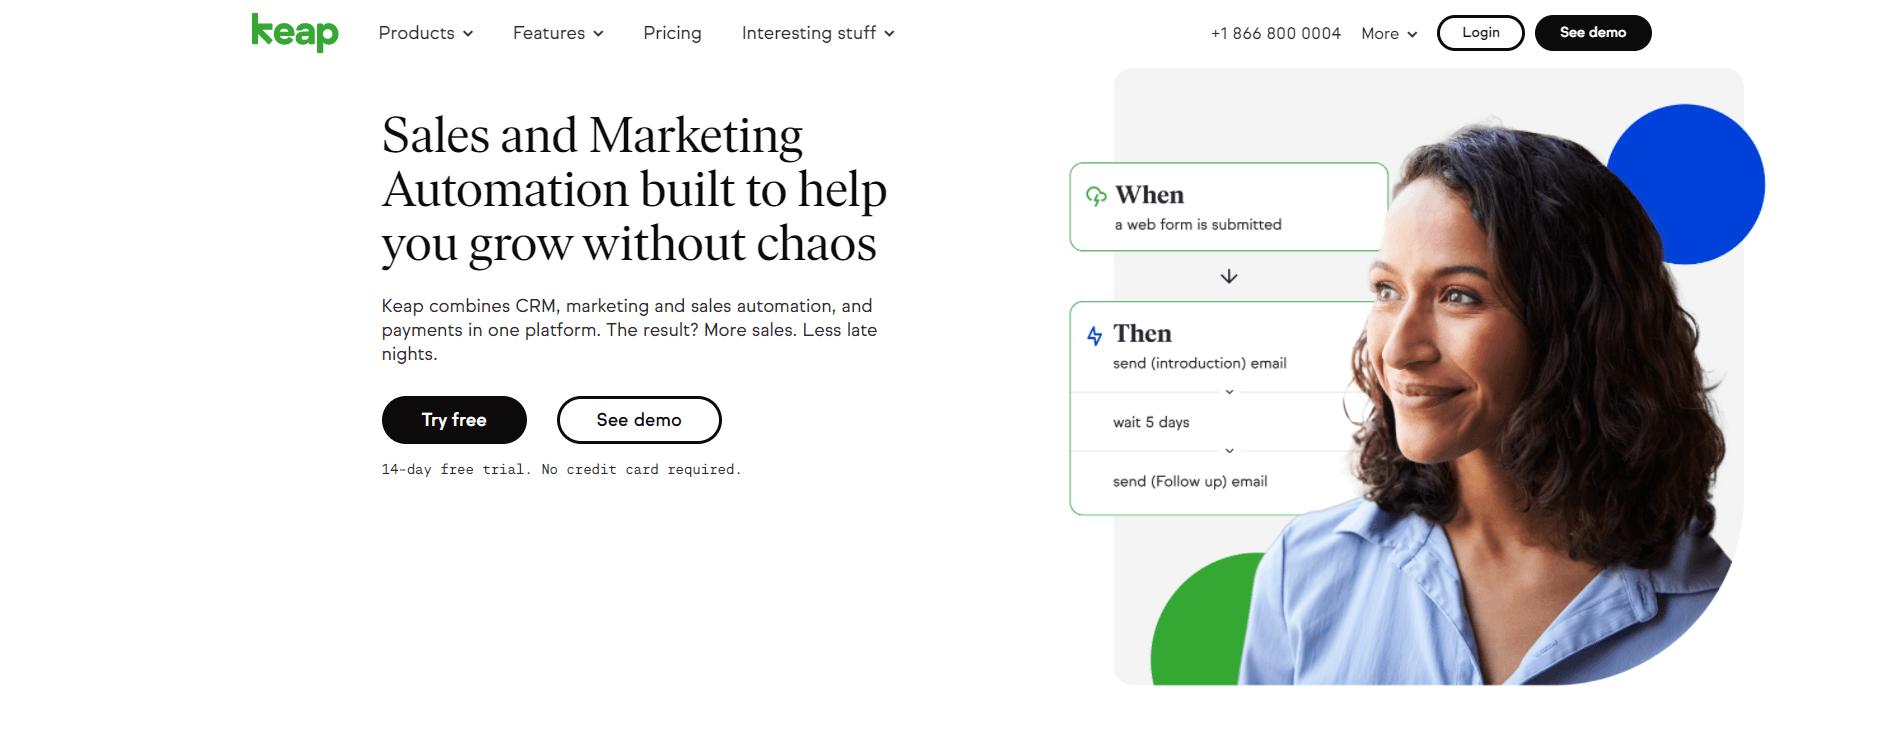 keap home page